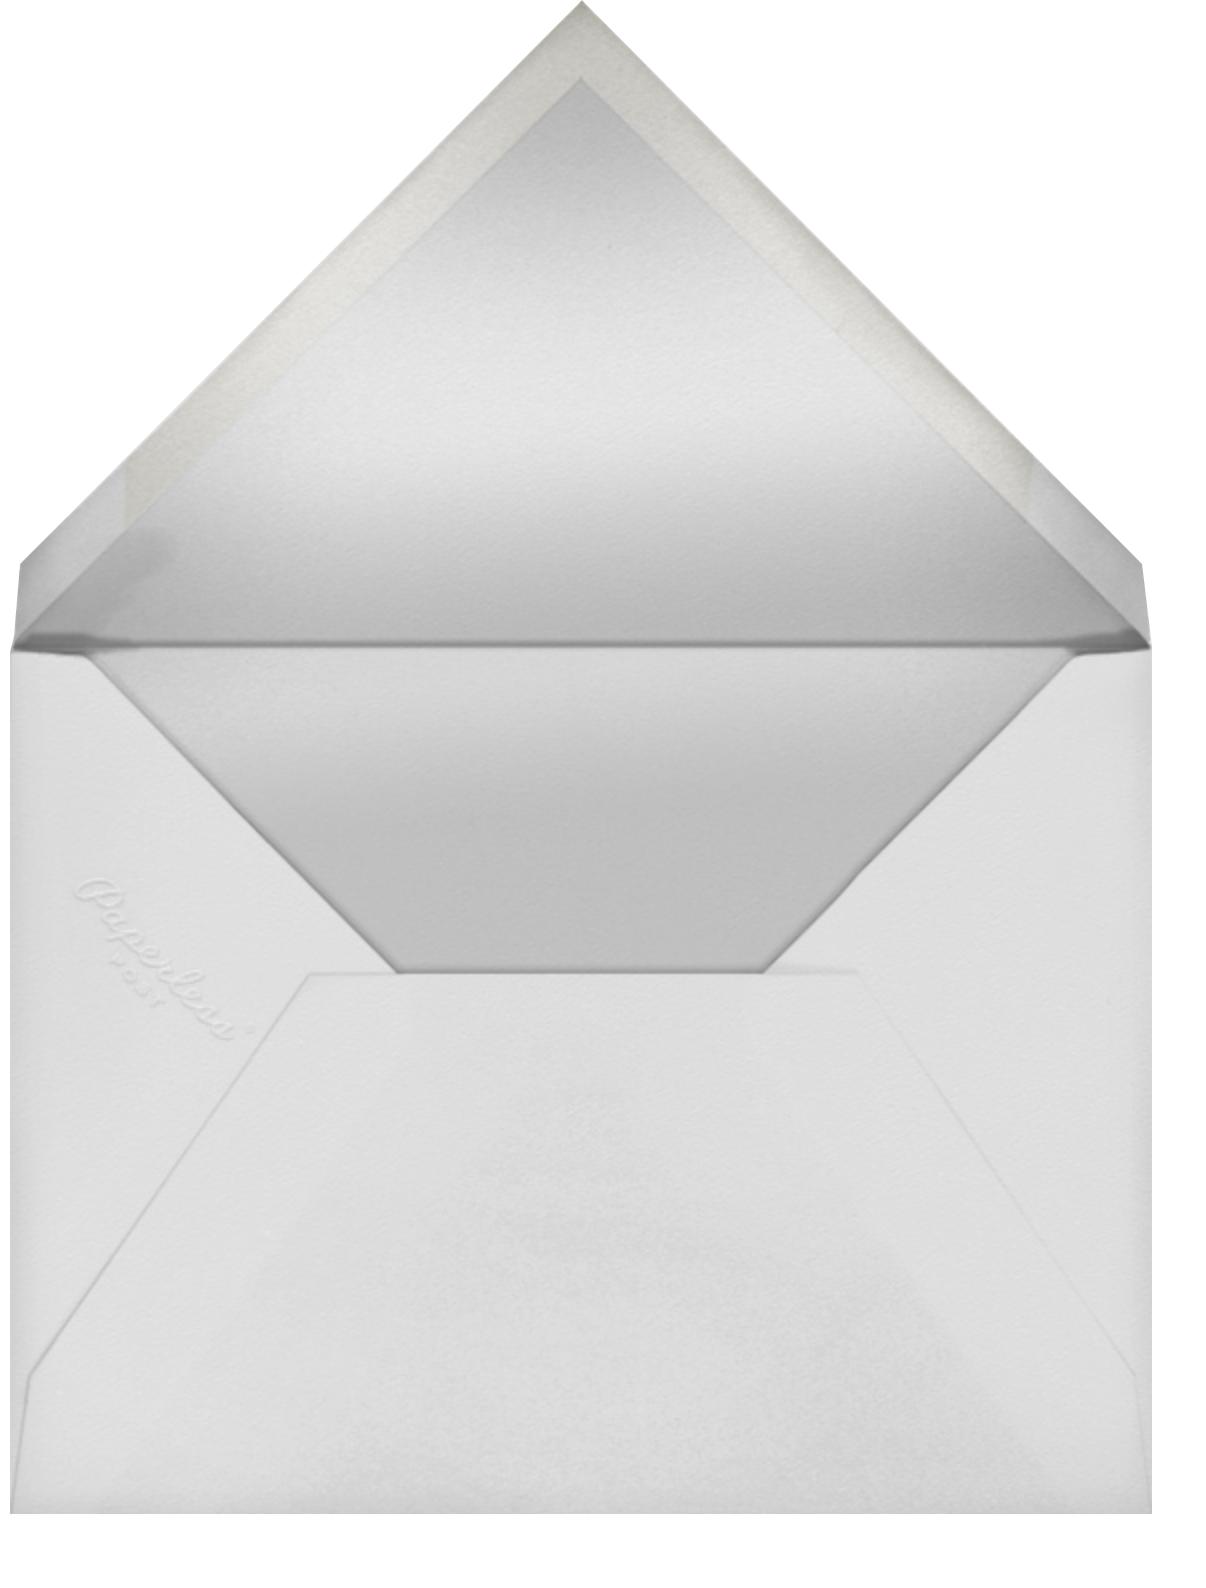 Veldener (Program) - Rose Gold - Paperless Post - Envelope